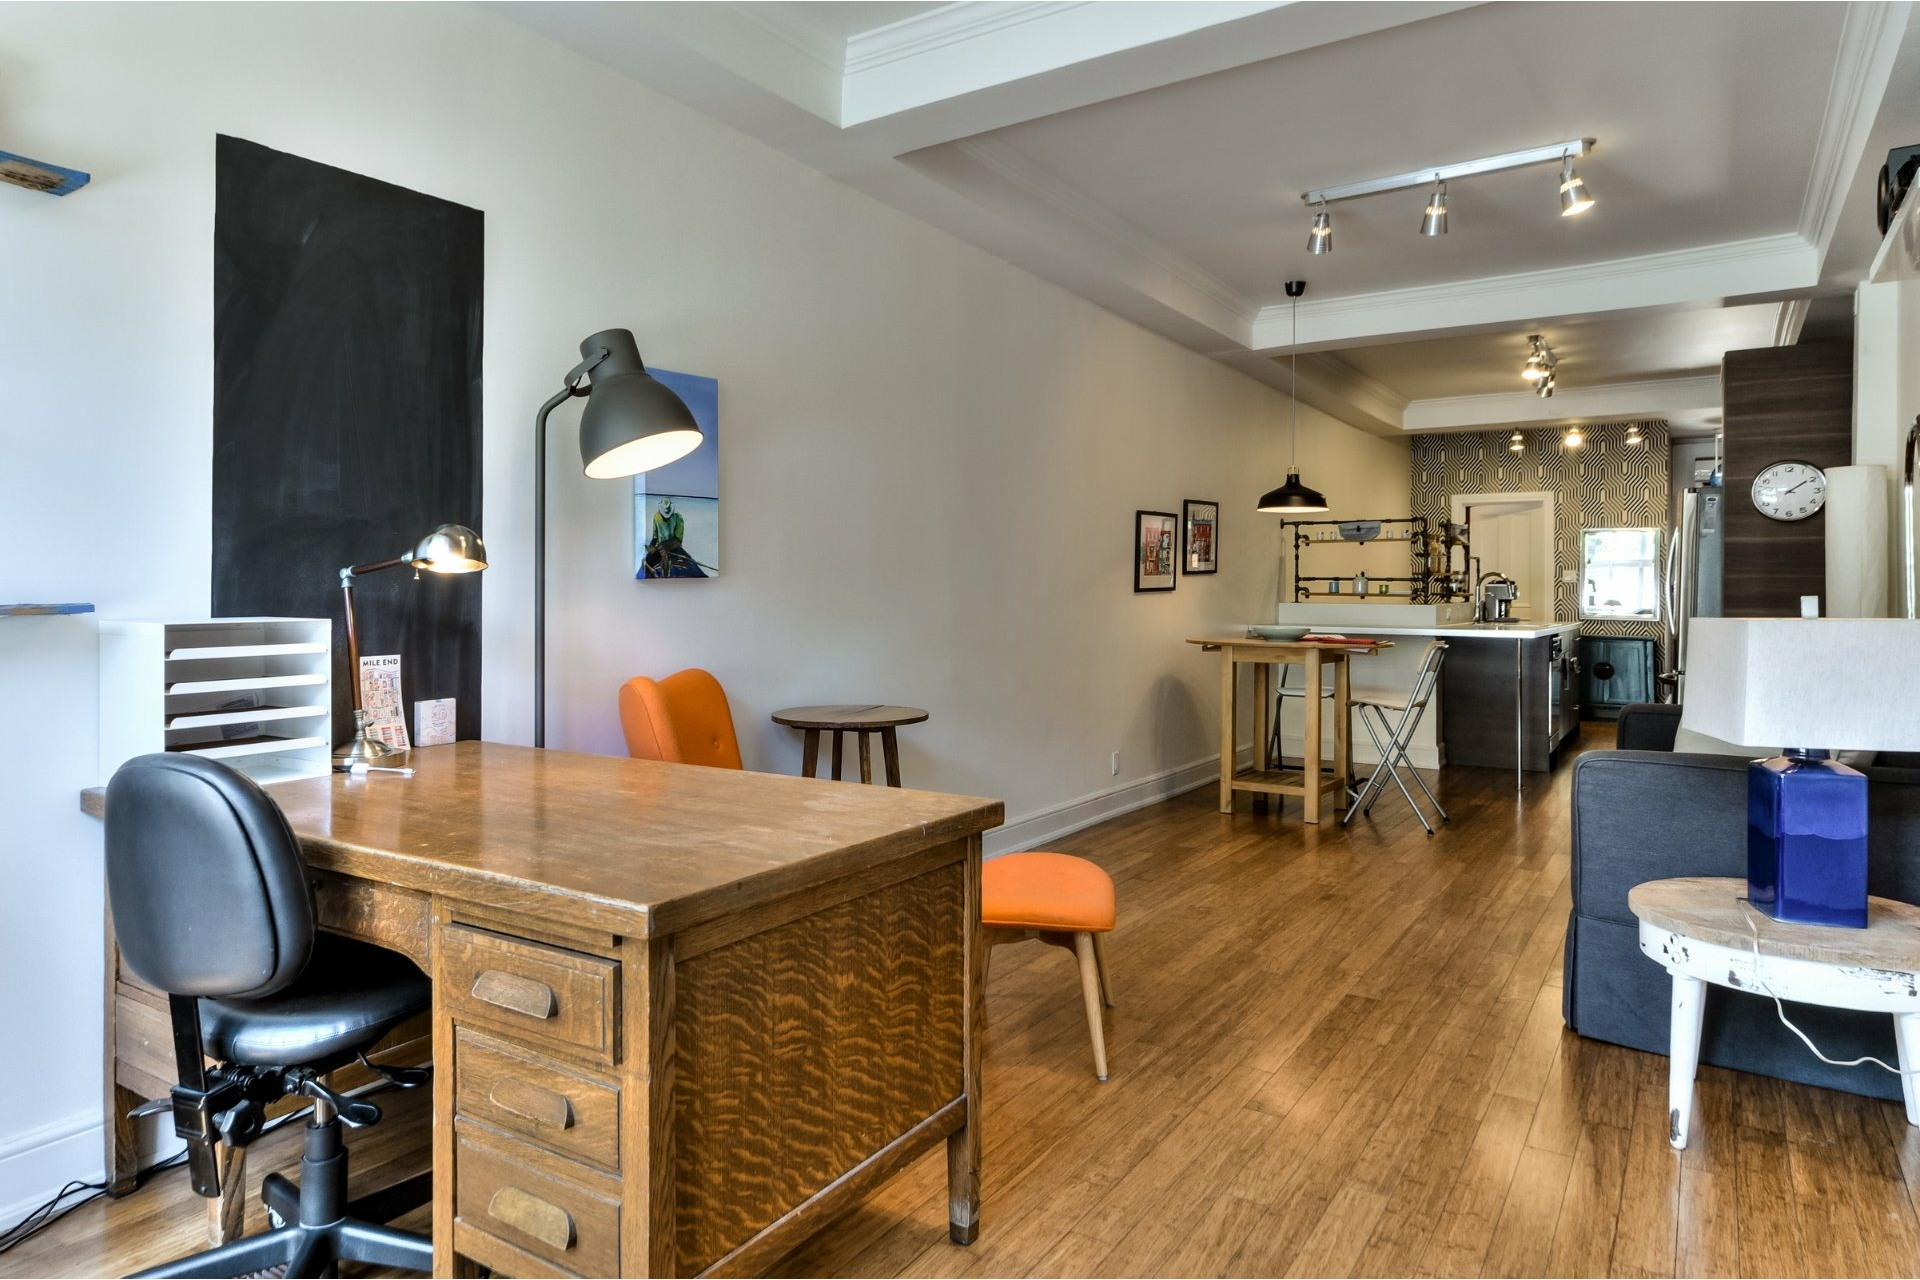 image 6 - Apartment For sale Le Plateau-Mont-Royal Montréal  - 5 rooms